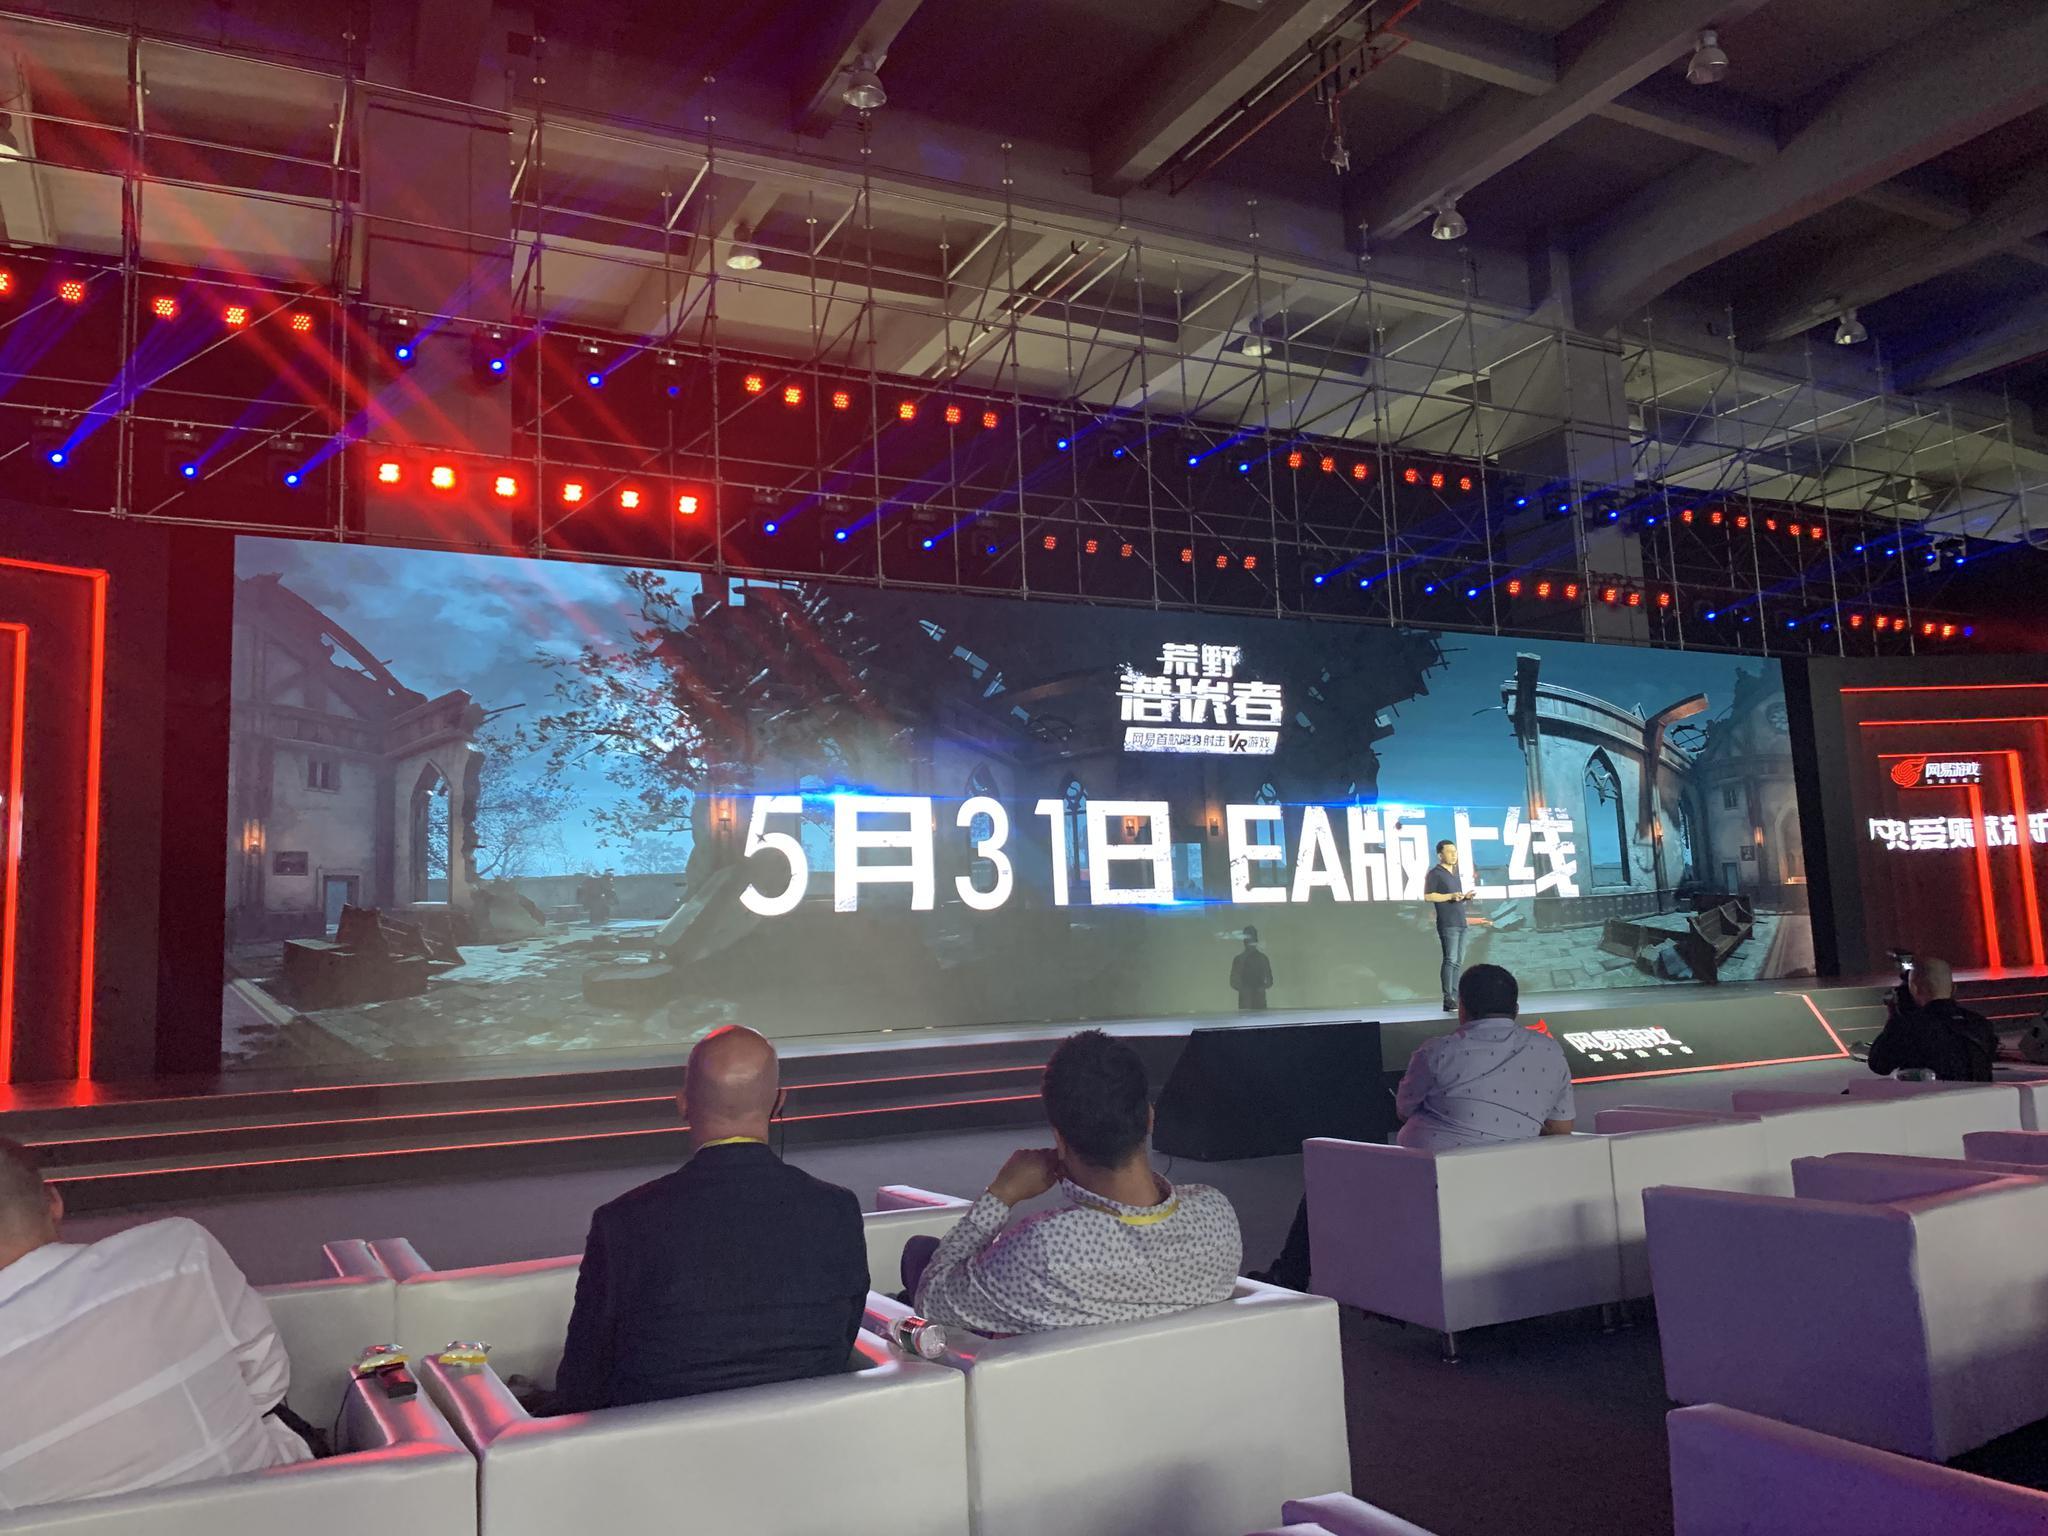 网易首款射击VR游戏《荒野潜伏者》将于5月31日开启EA测试